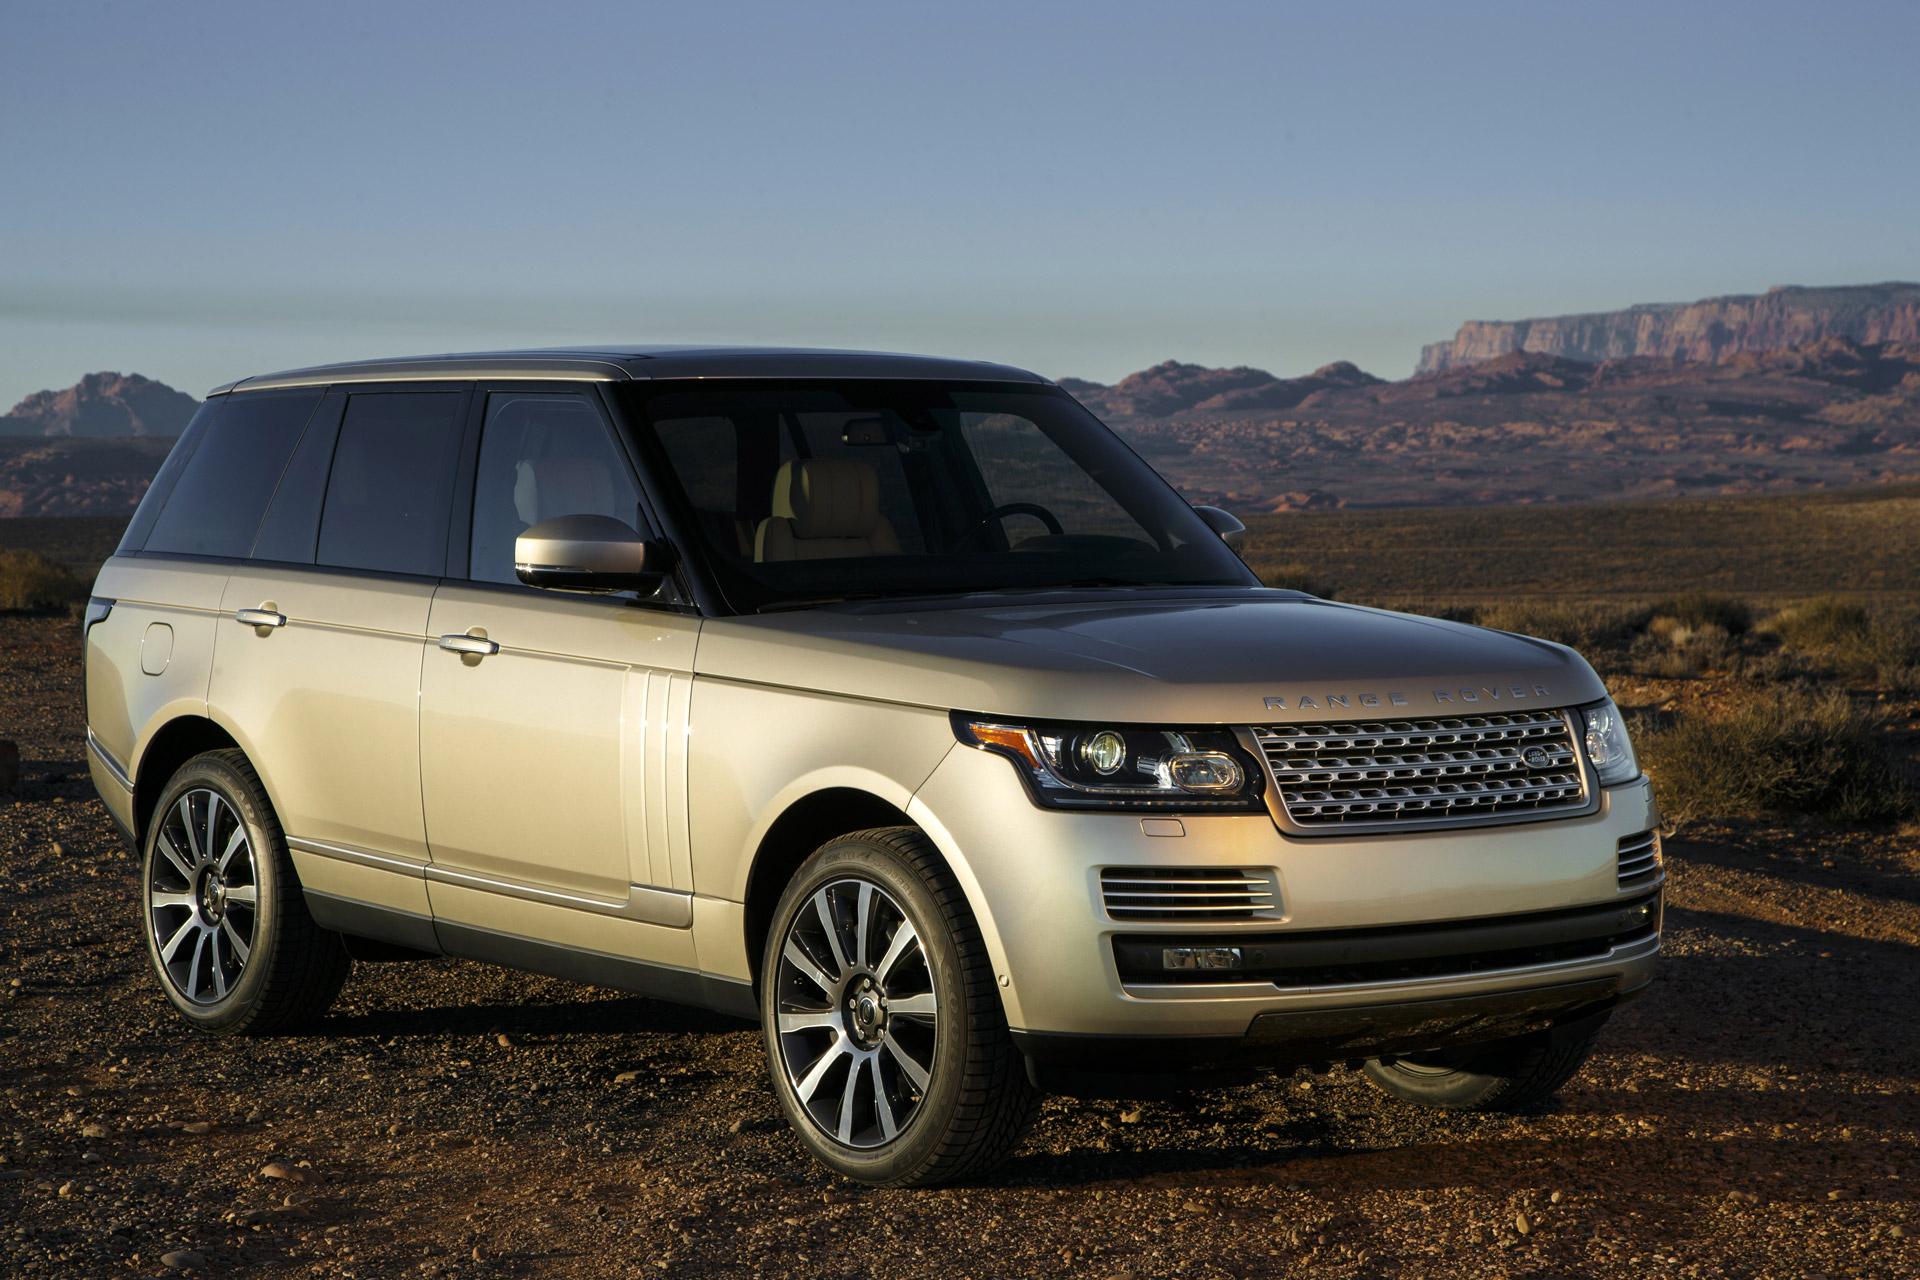 used range rover prices 6 car desktop background. Black Bedroom Furniture Sets. Home Design Ideas